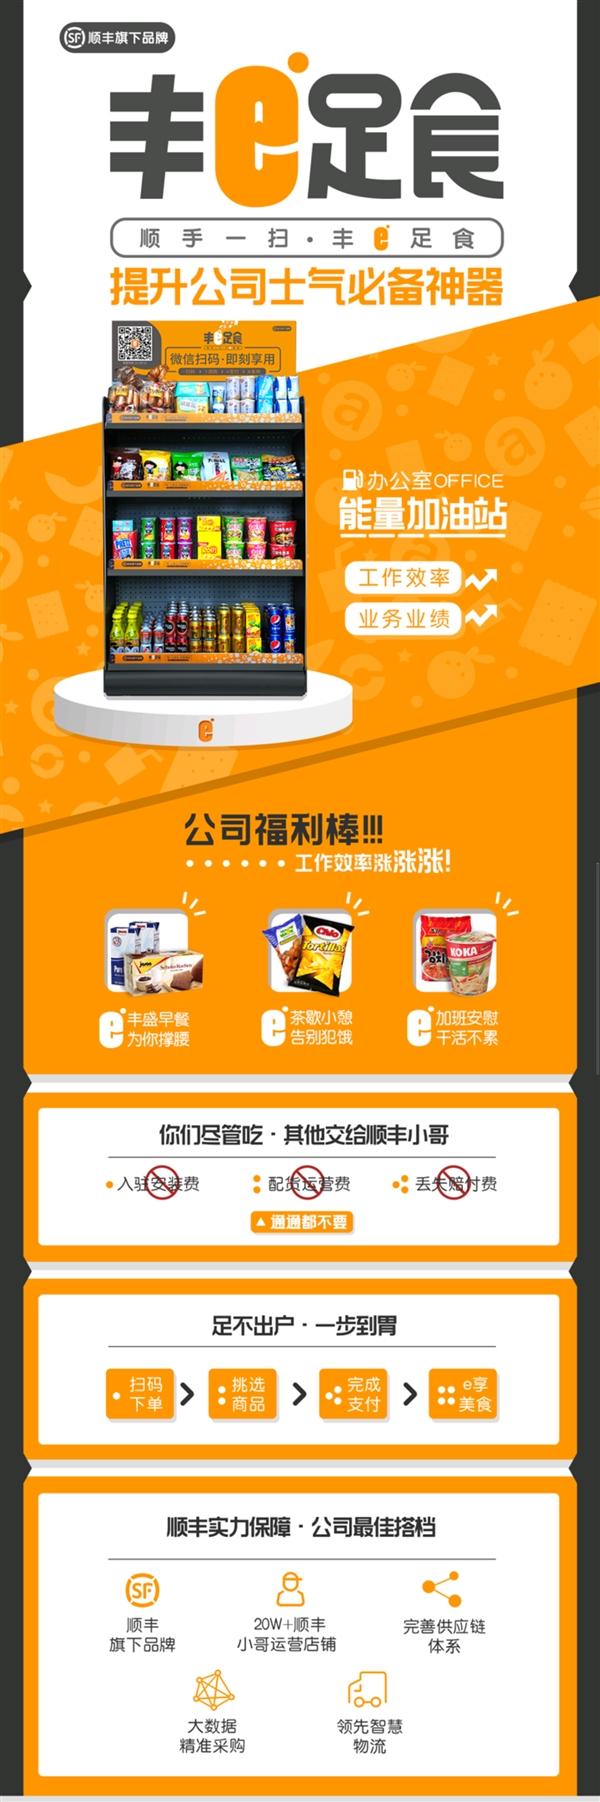 """顺丰""""丰e足食""""无人值守能量架开通13城:微信扫码买早餐"""